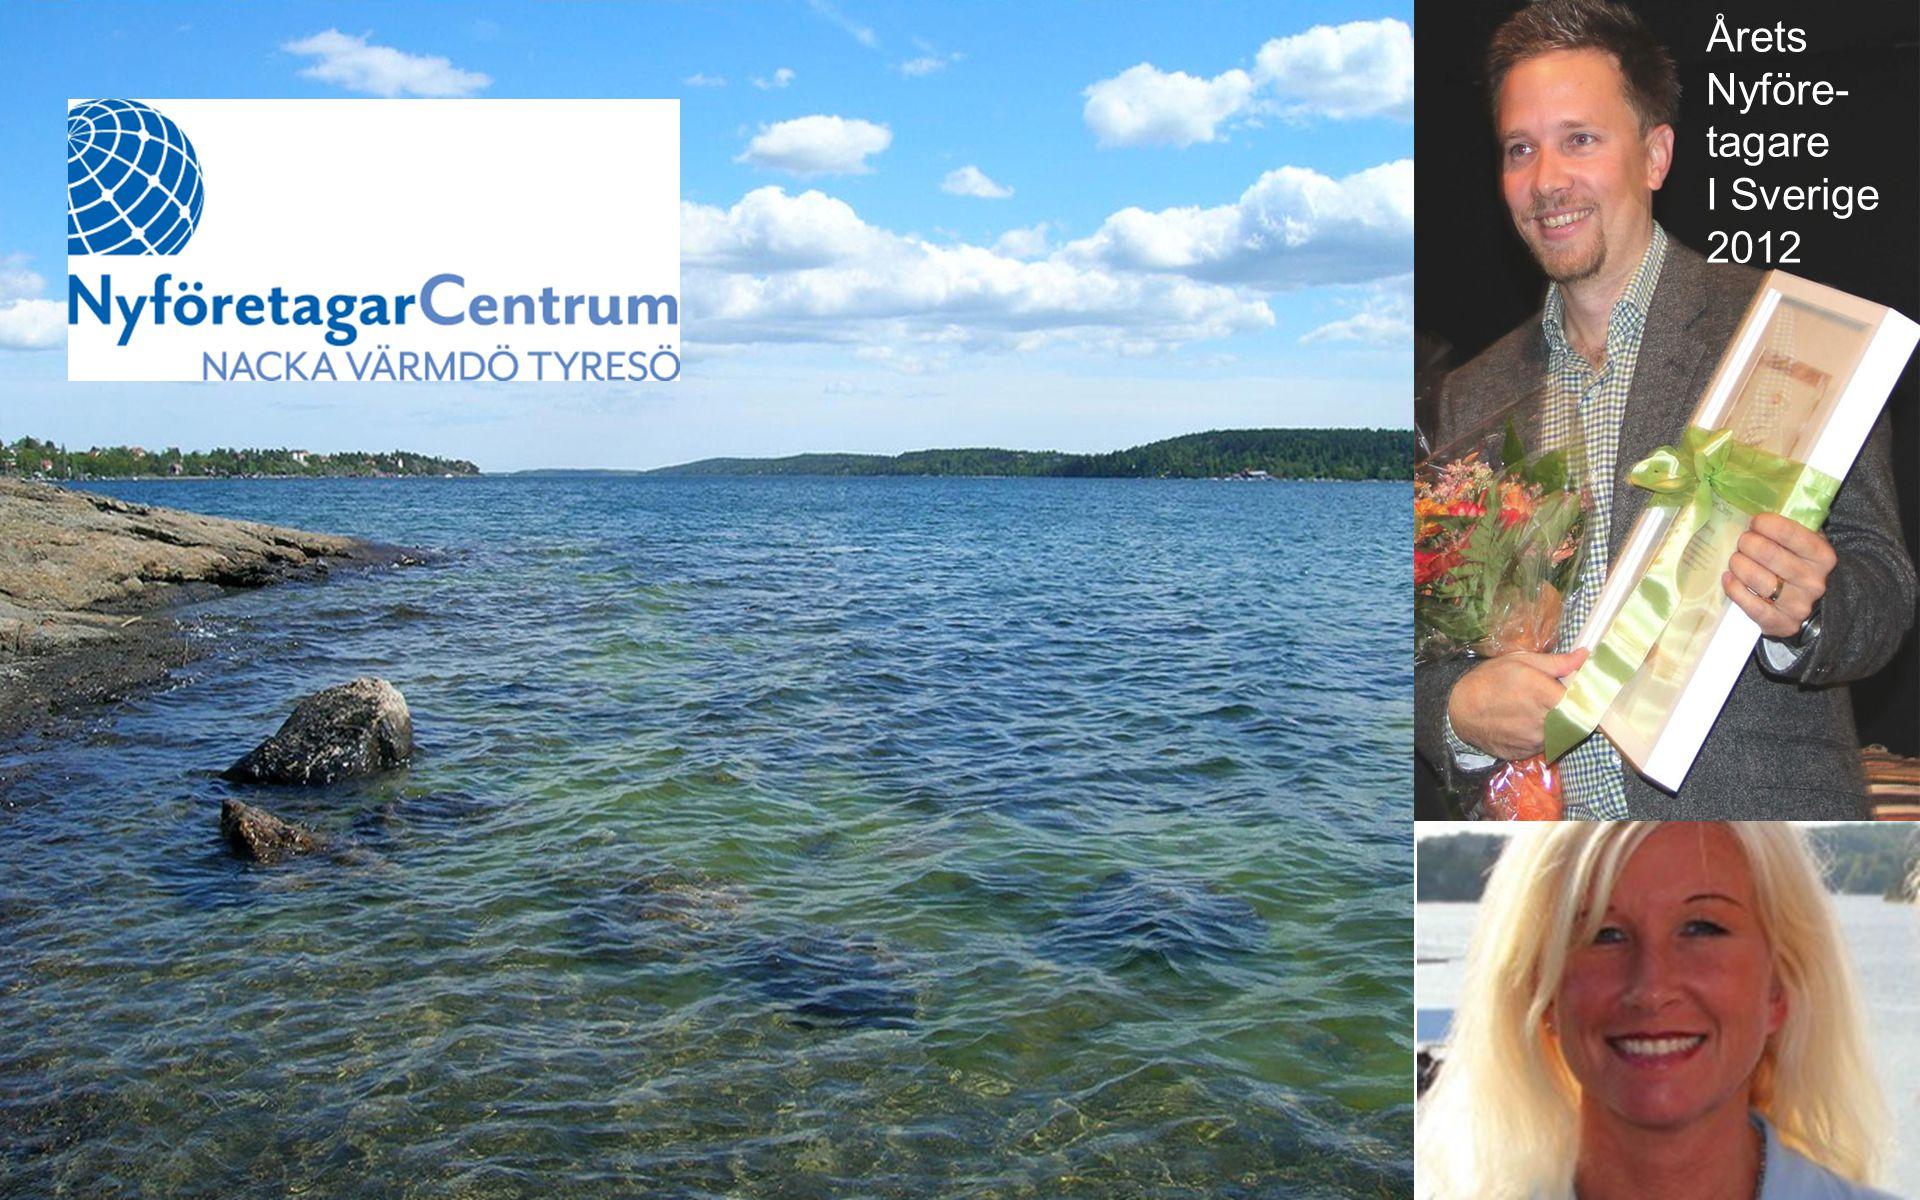 NyföretagarCentrum Sverige • Sveriges ledande kraft för nyföretagande • Finns i 200 kommuner • Under 2011 kom 20 300 personer för rådgivning, varav 9 800 startade företag • Individuell, kostnadsfri, konfidentiell och affärsmässig rådgivning med affärsplanen i centrum • 5 475 personer i våra kompetensnätverk • Finansierat av 2 400 lokala partners • Rådgivning från företagare till blivande företagare